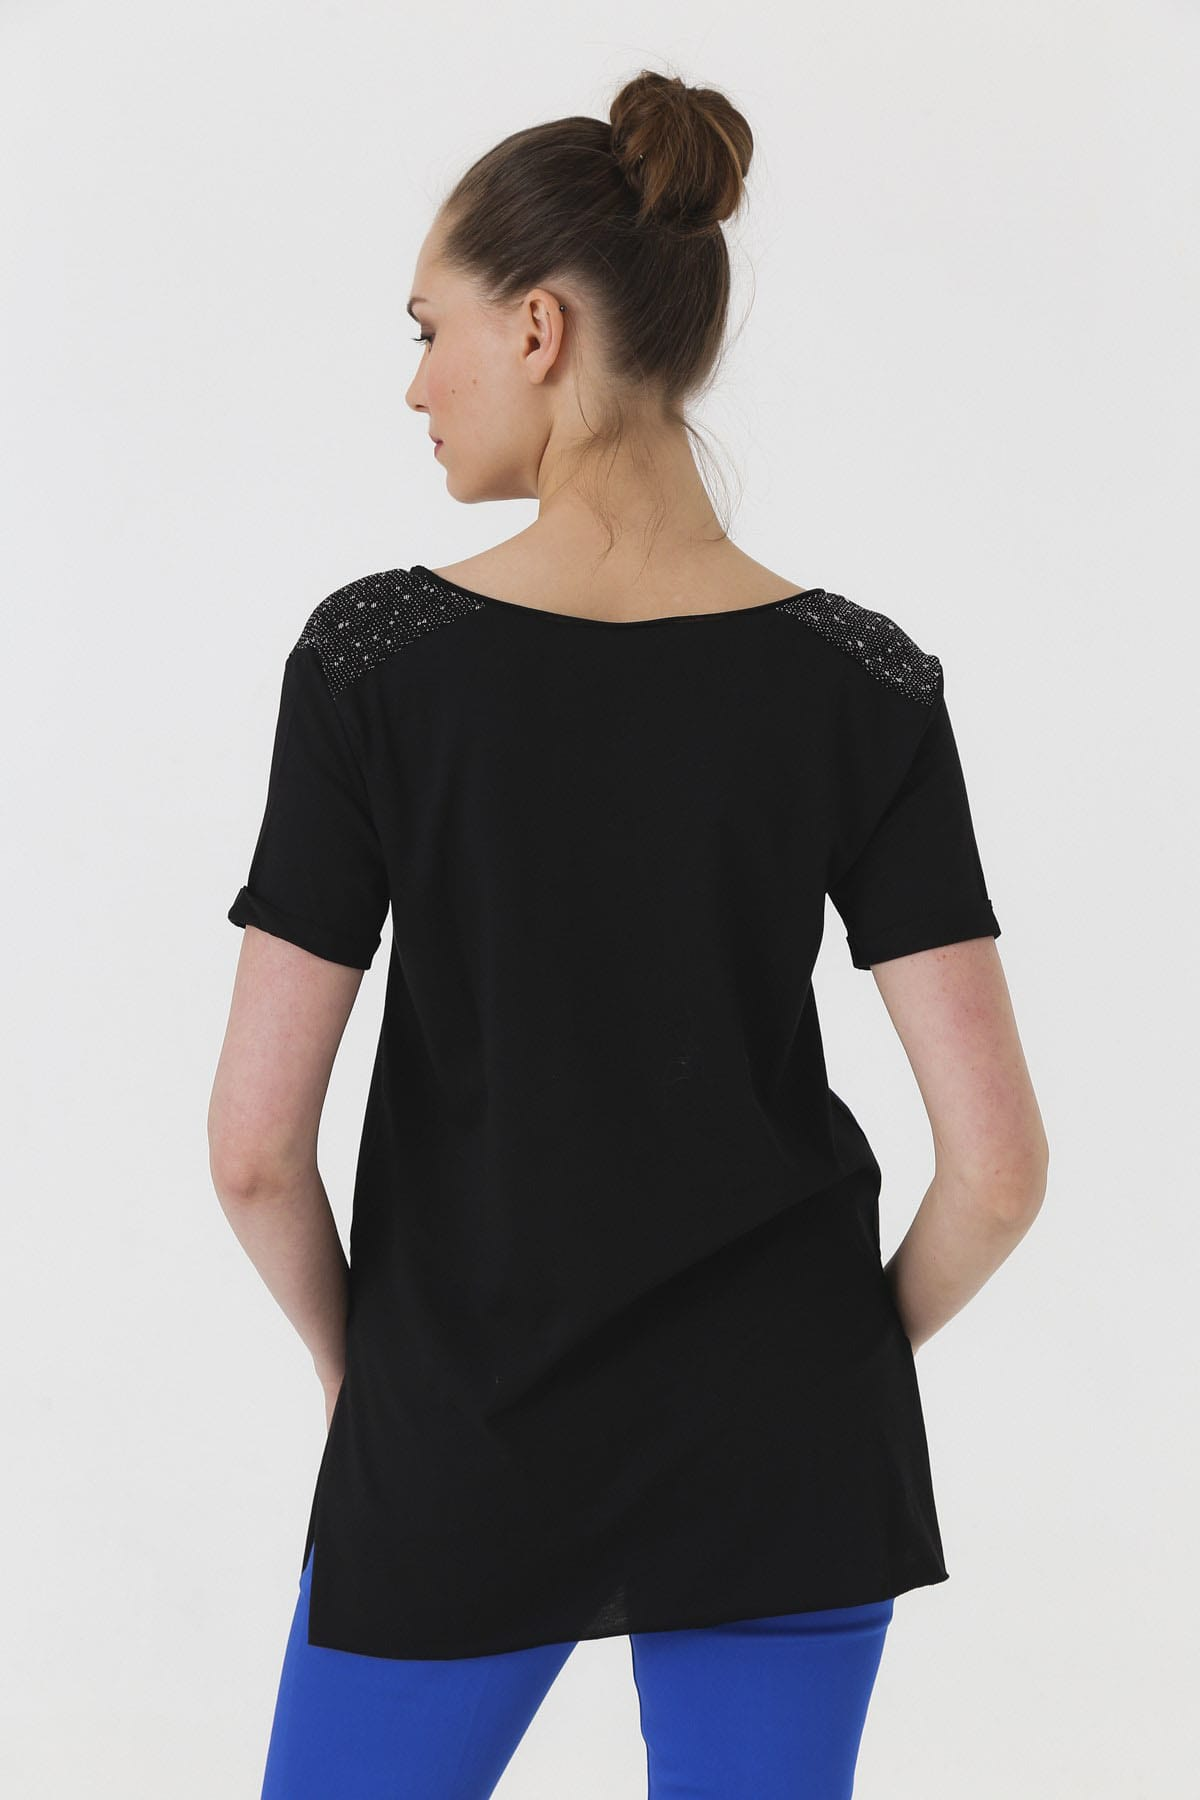 Jument Kadın Siyah T-shirt 7090 2